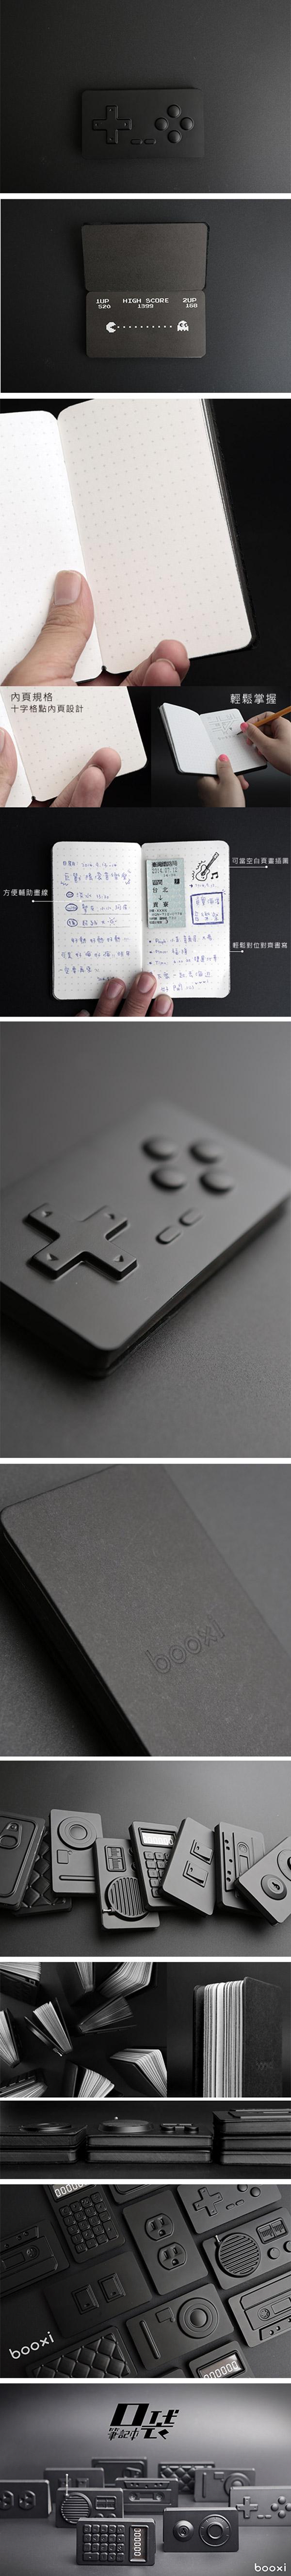 天晴設計 電玩造型筆記本 Game Controller Notebook